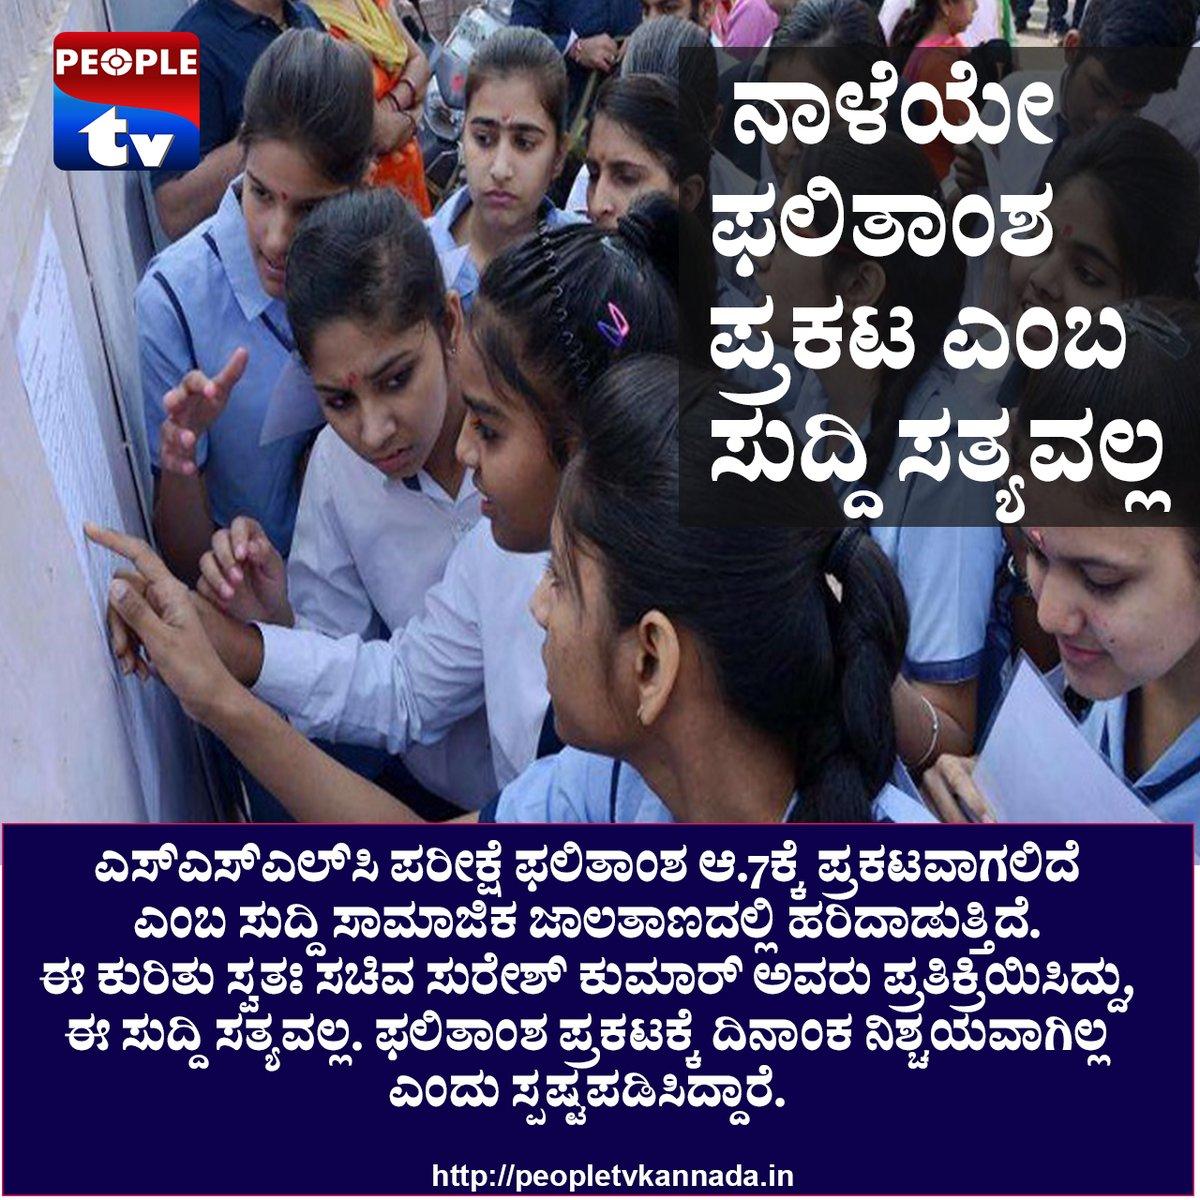 """ನಾಳೆ SSLC ಫಲಿತಾಂಶ ಪ್ರಕಟ"""" ಎಂಬ ಸುದ್ಧಿ ಸತ್ಯವಲ್ಲ. ಇನ್ನೂ ದಿನಾಂಕ ನಿಶ್ಚಯವಾಗಿಲ್ಲ.  #sslcresult #sslc #ಫಲಿತಾಂಶಪ್ರಕಟ #PeopletvKannada #peopletvLive #peopletv #KannadaNewsChannel #LatestNews #LatestKannadaNews #Kannada #News #Karnataka @Sureshkumarspic.twitter.com/beFEHba5ef"""